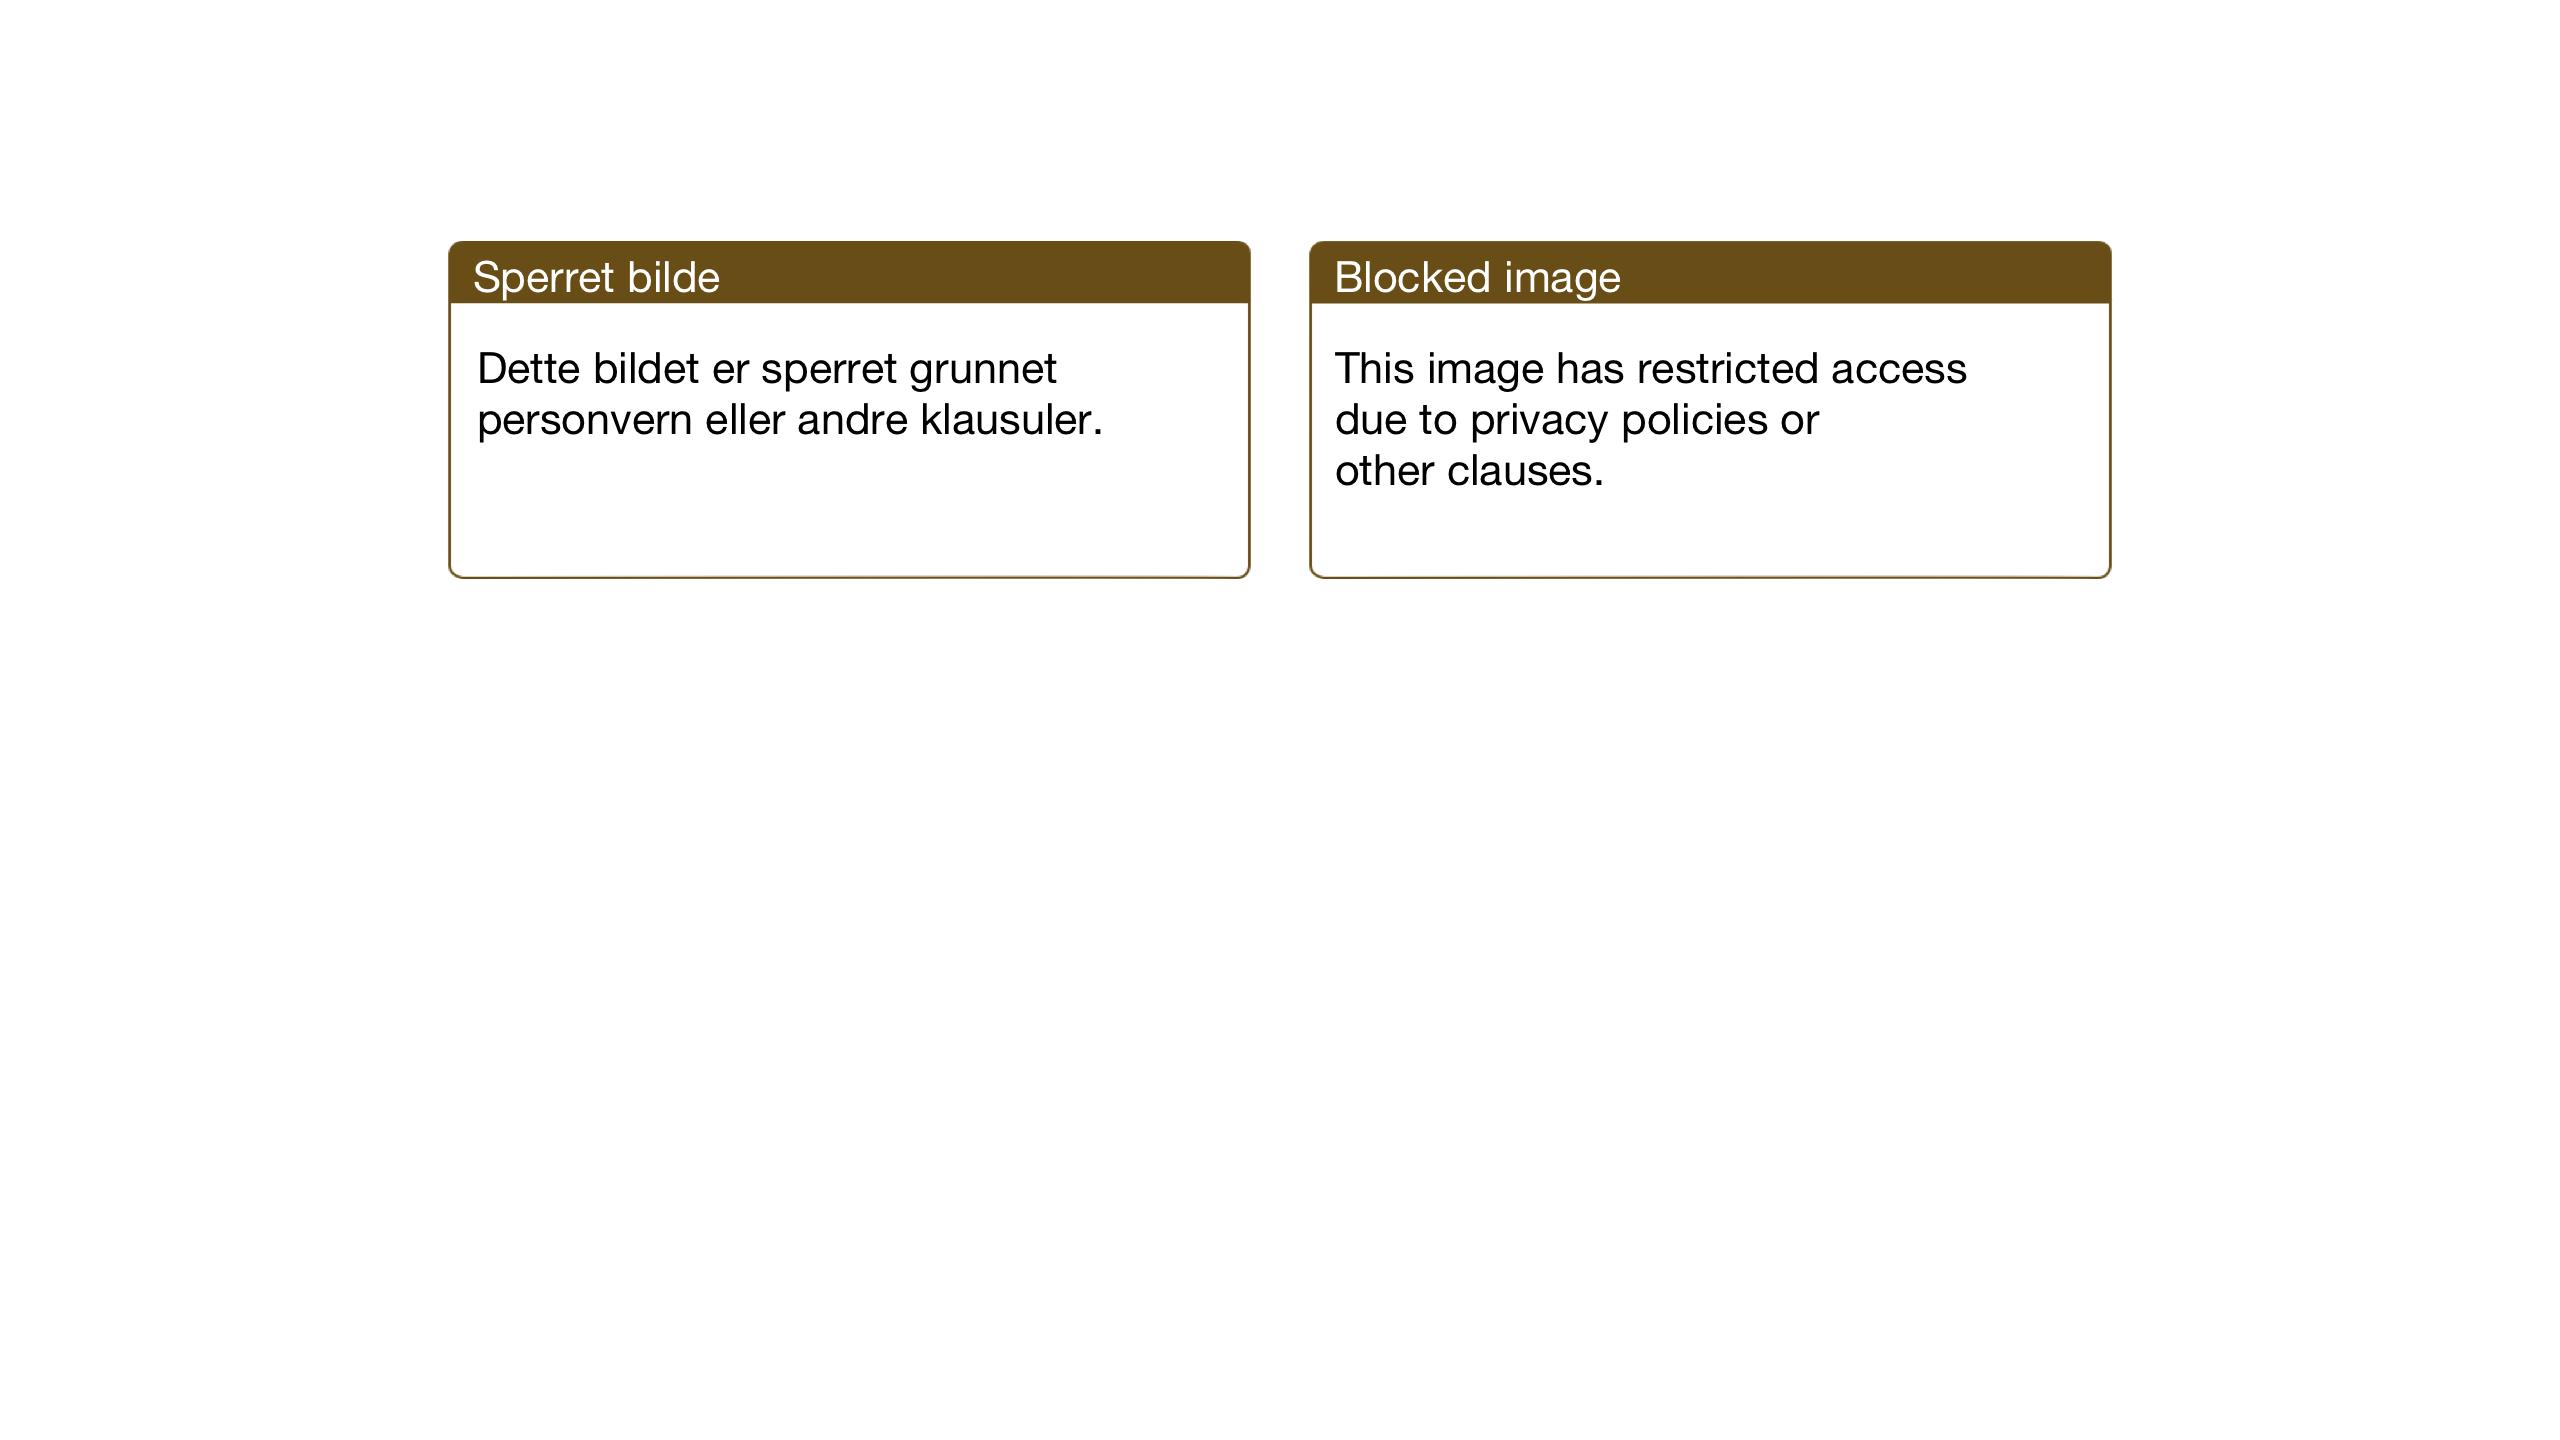 SAT, Ministerialprotokoller, klokkerbøker og fødselsregistre - Sør-Trøndelag, 653/L0658: Klokkerbok nr. 653C02, 1919-1947, s. 85